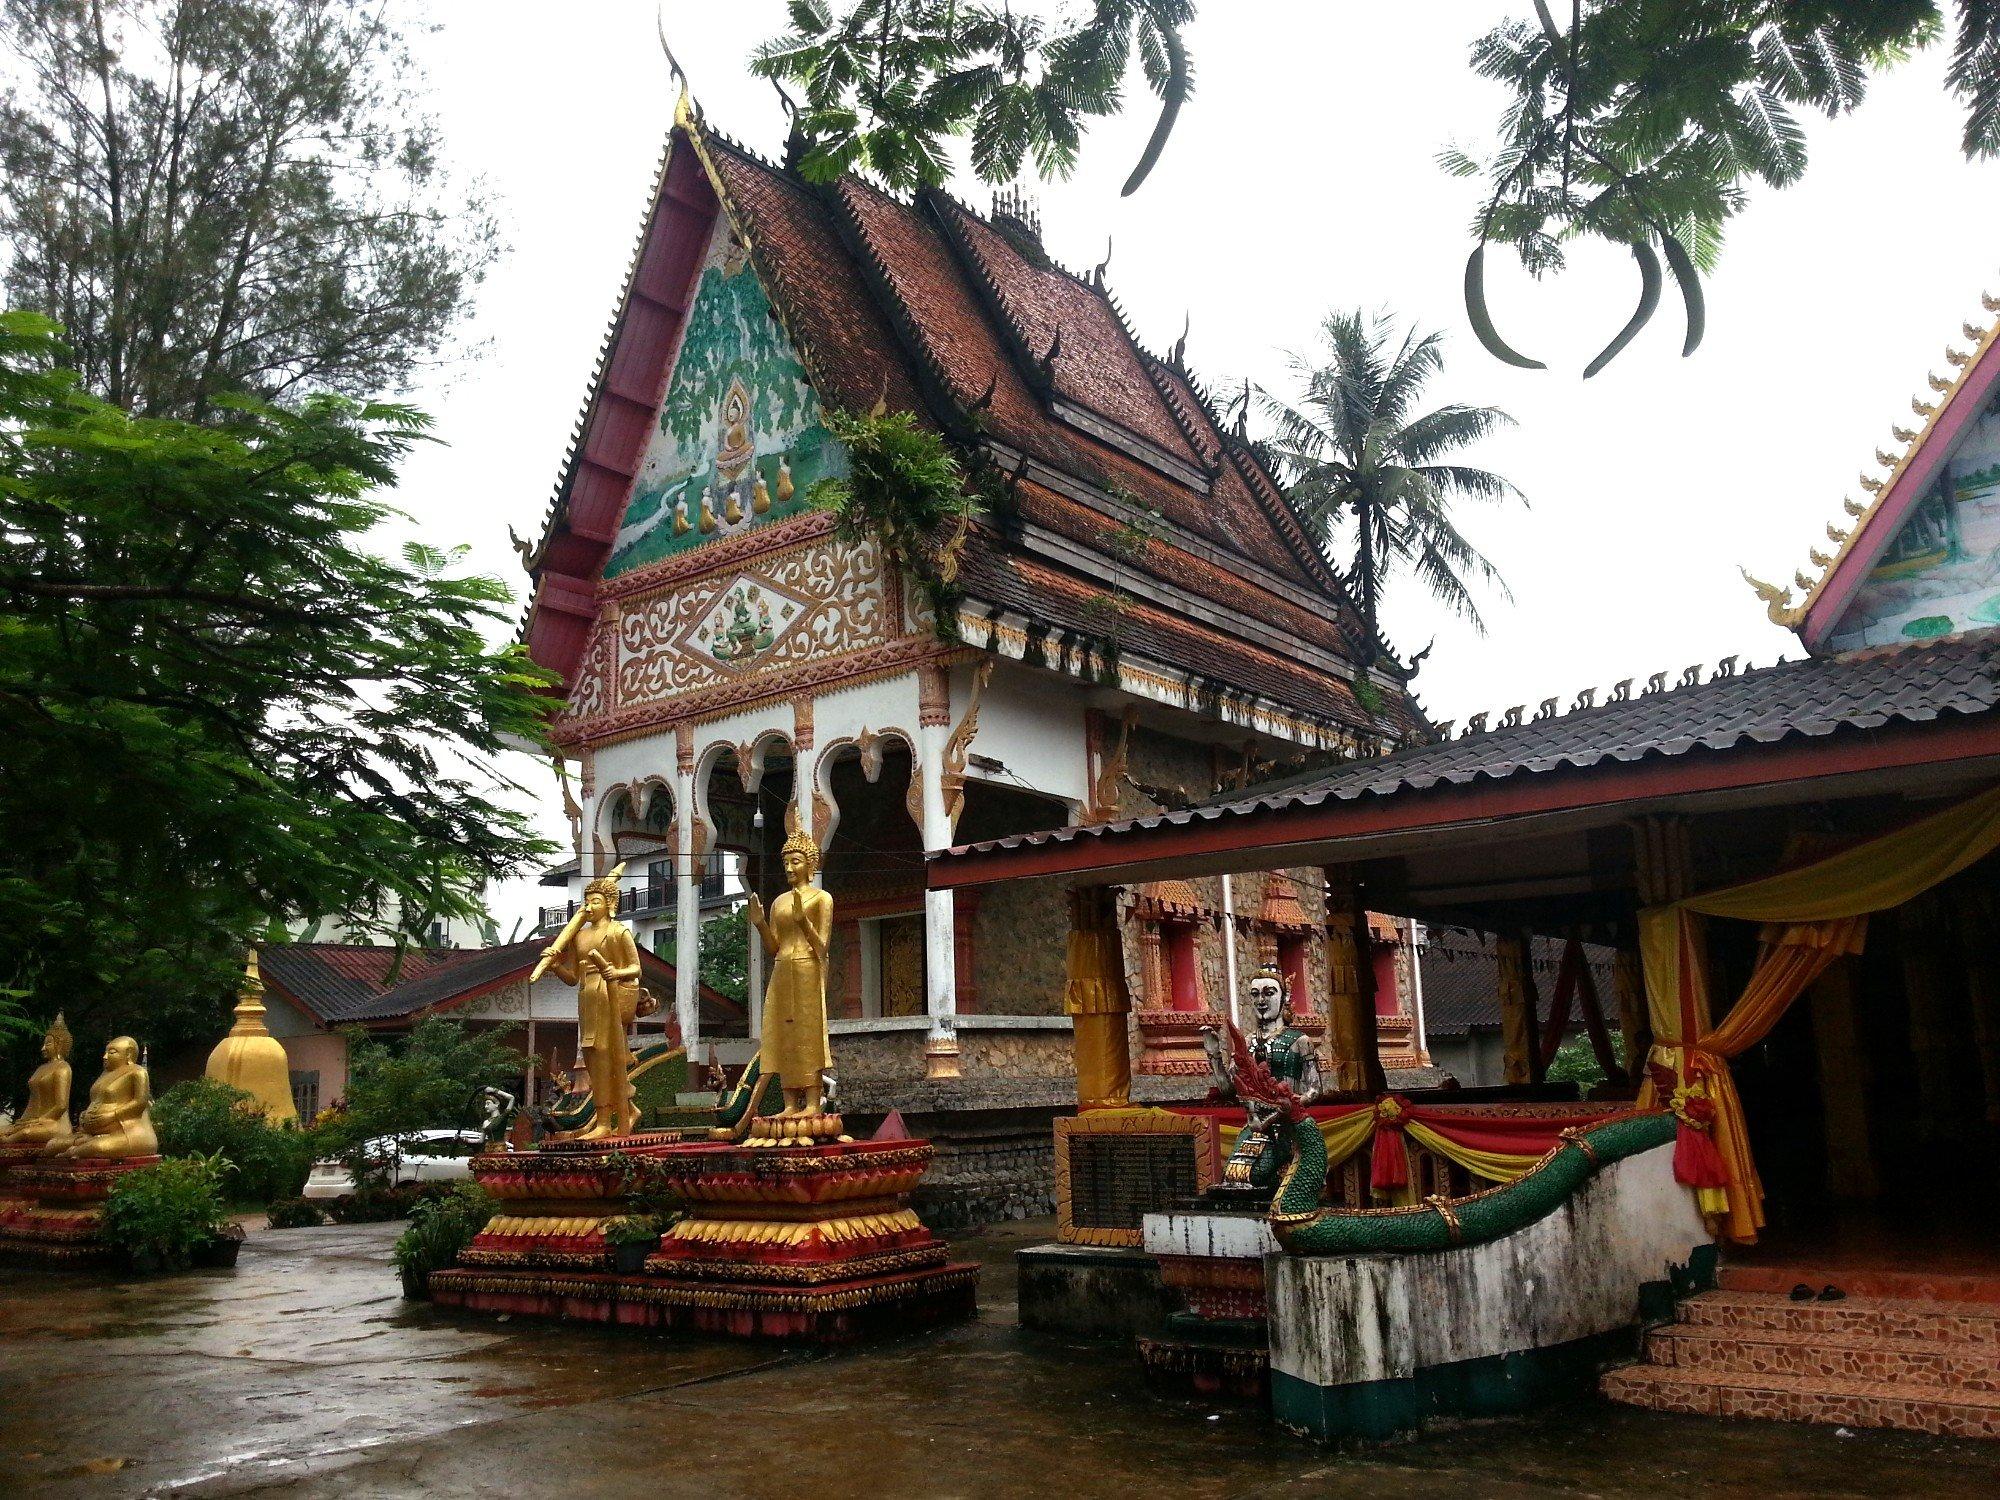 Ordination hall at Wat Kang